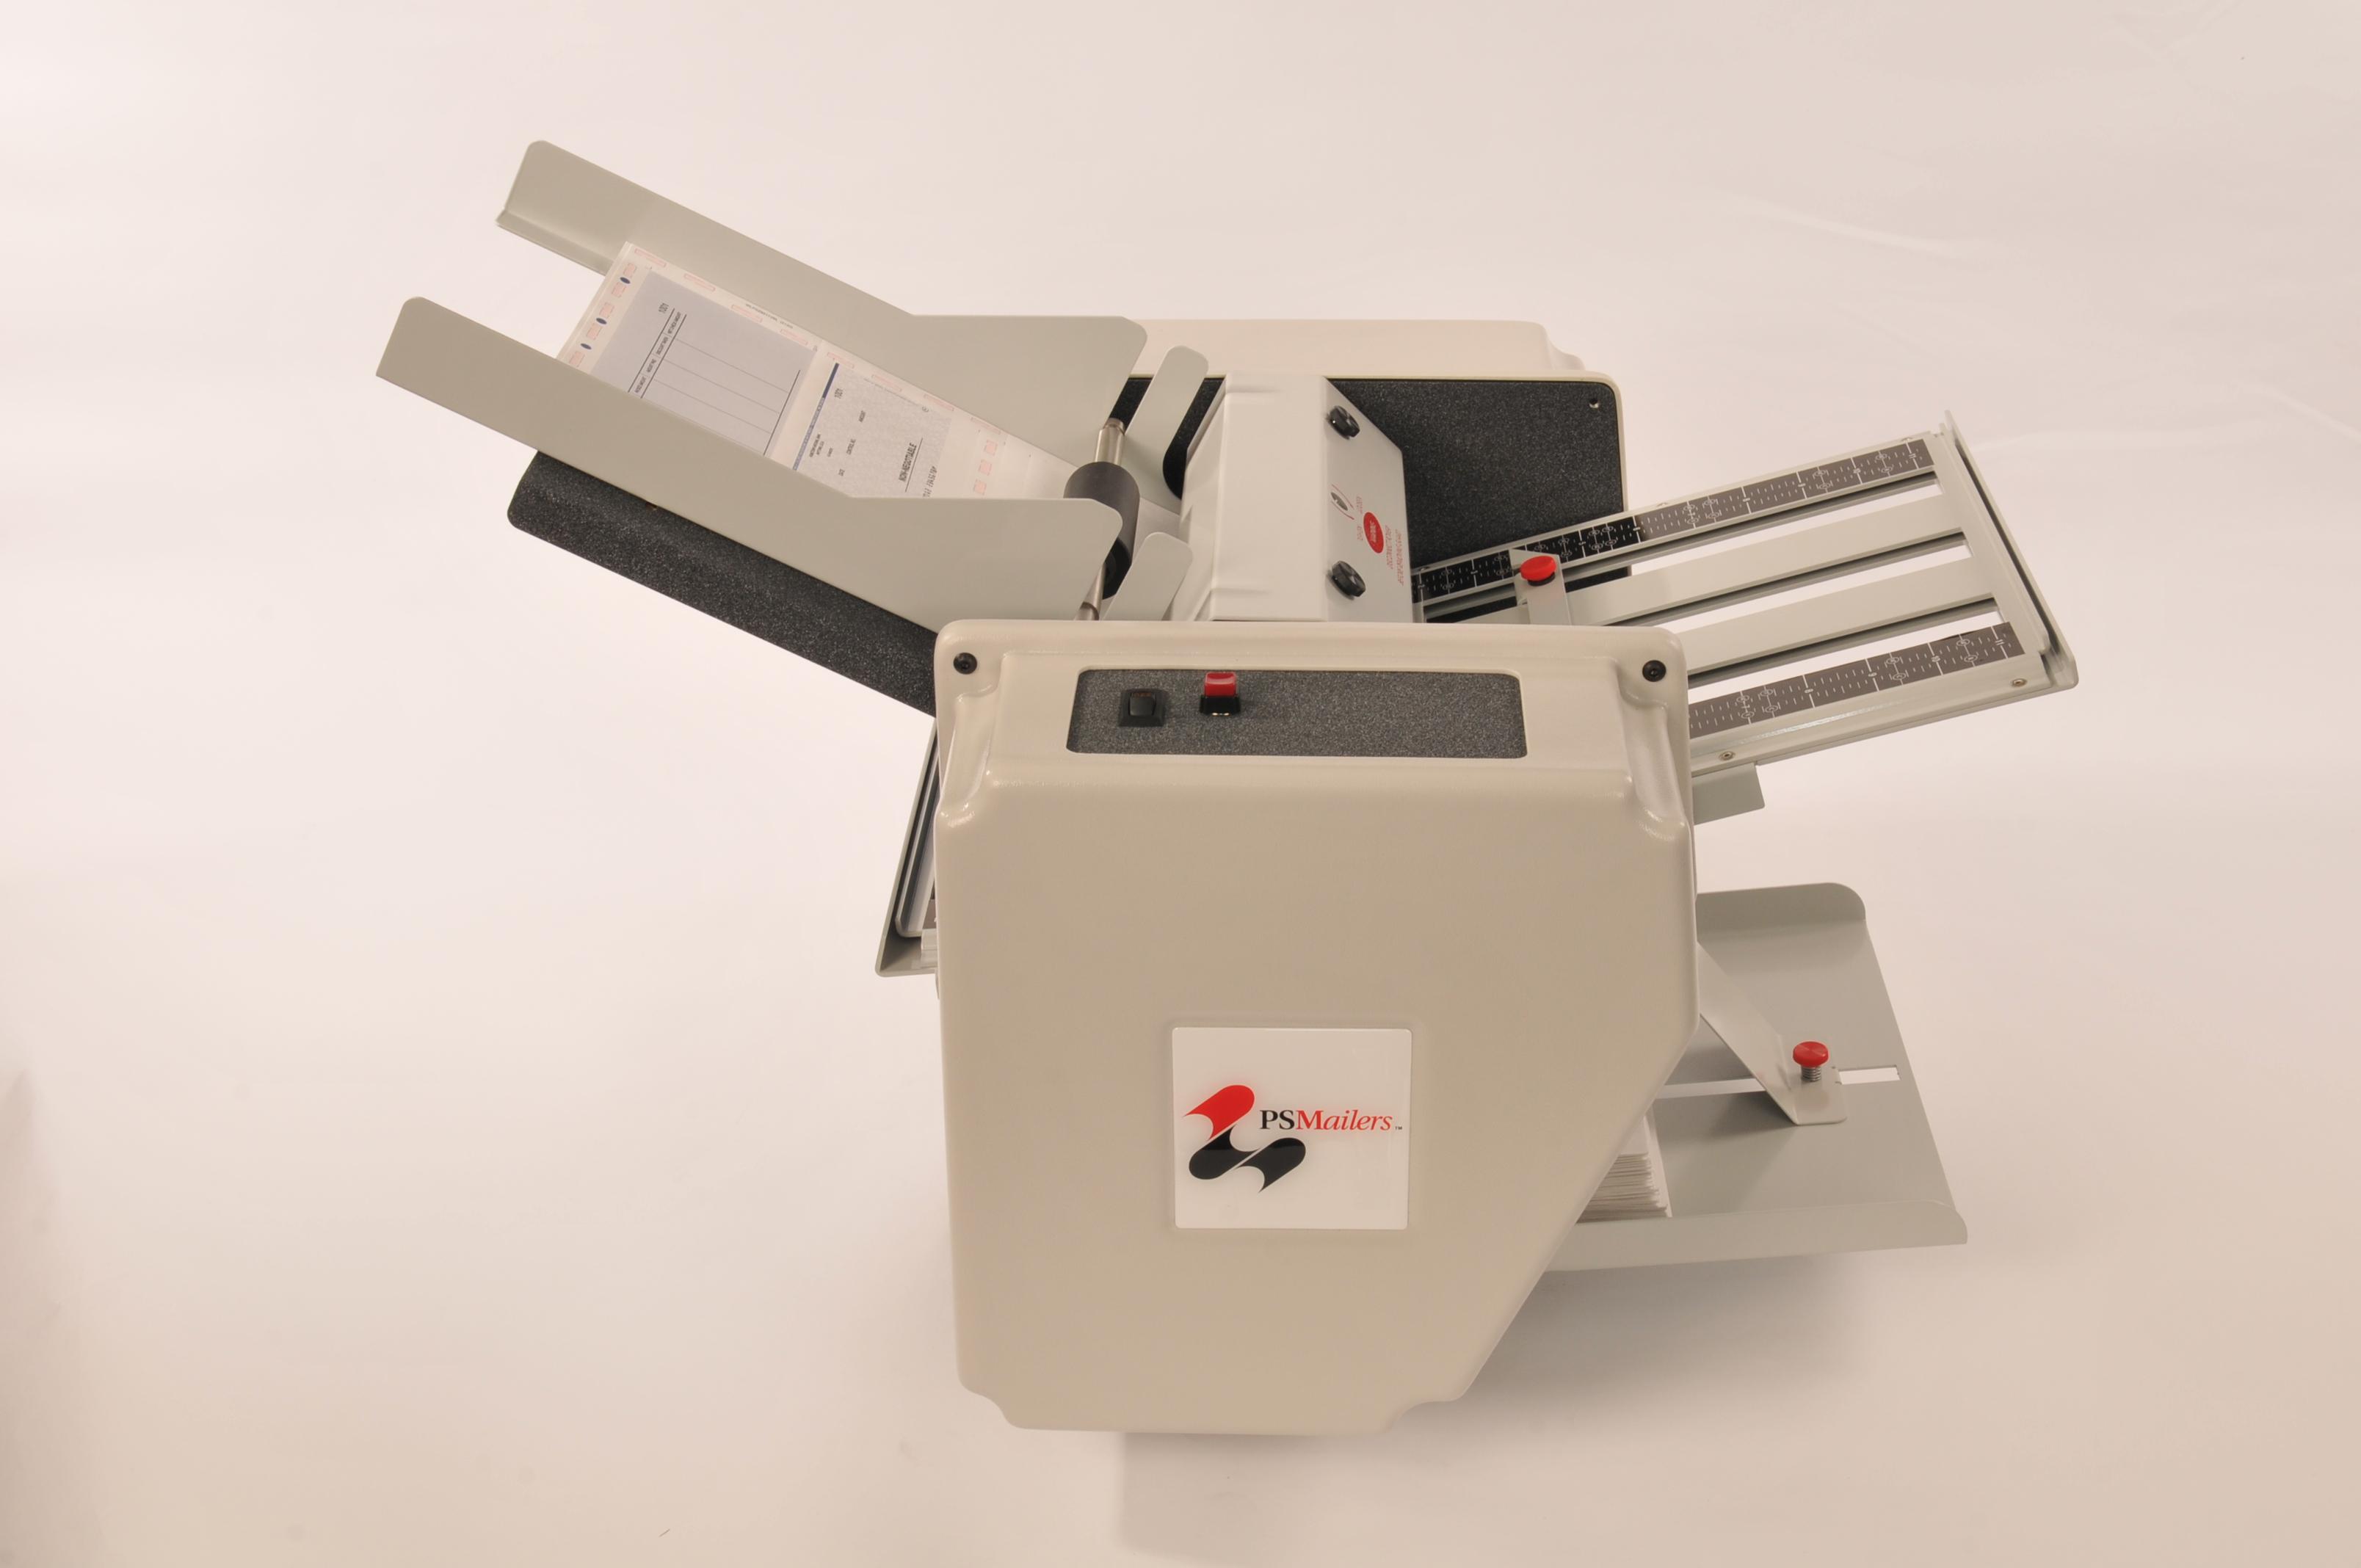 PSM3000